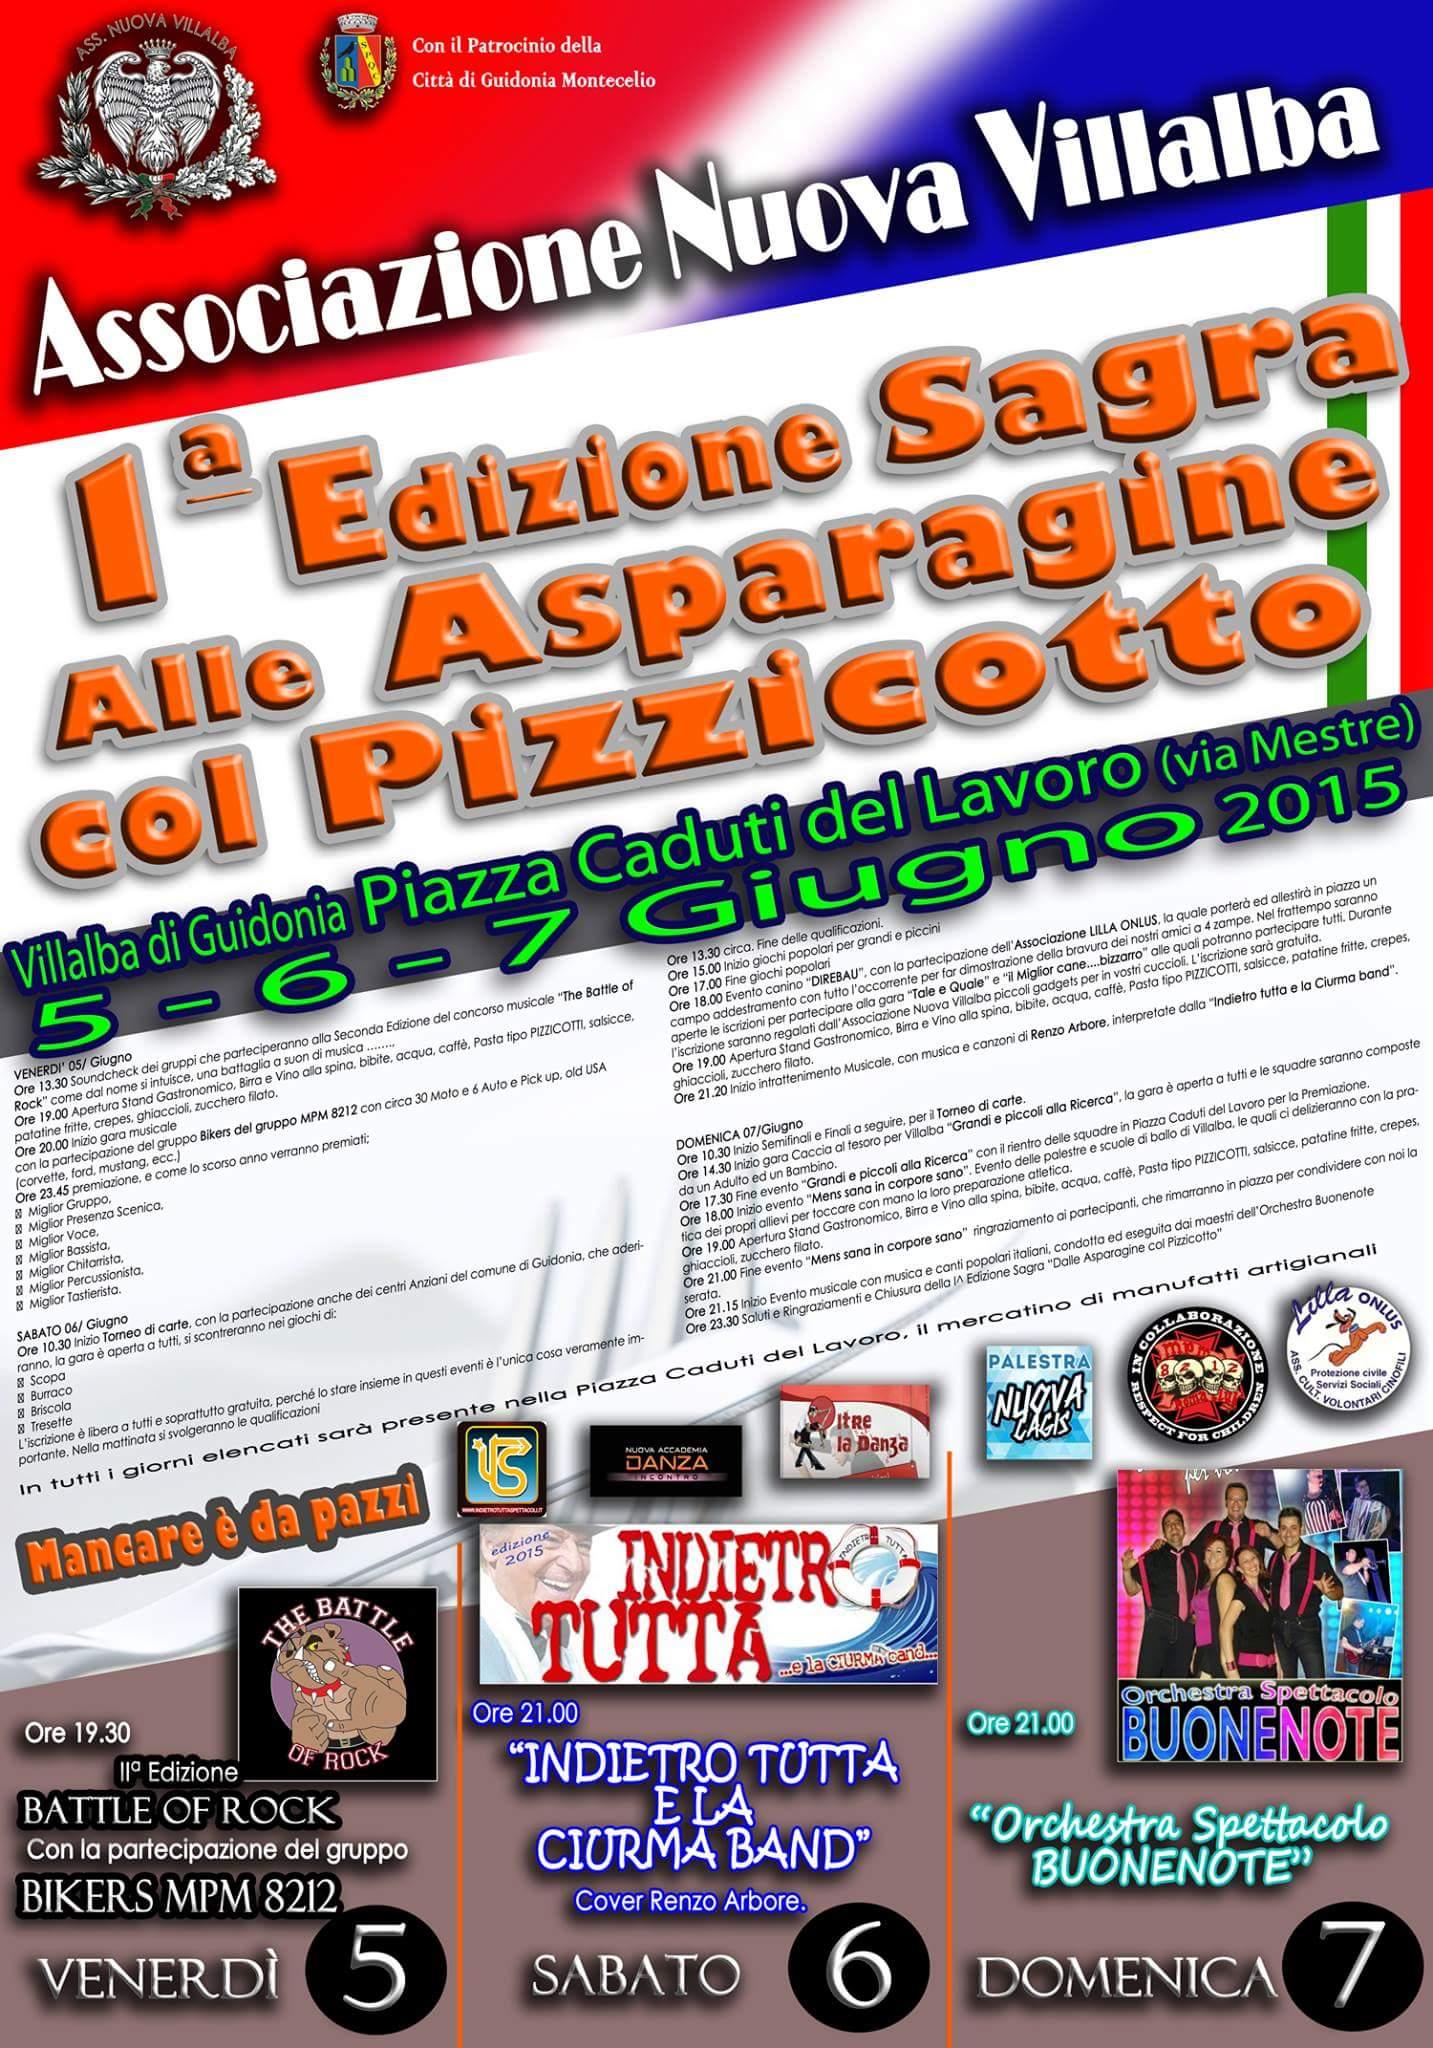 I sagra asparagine col pizzicotto, dal 5 al 7 giugno 2015 a Guidonia Montecelio (Rm) thumbnail